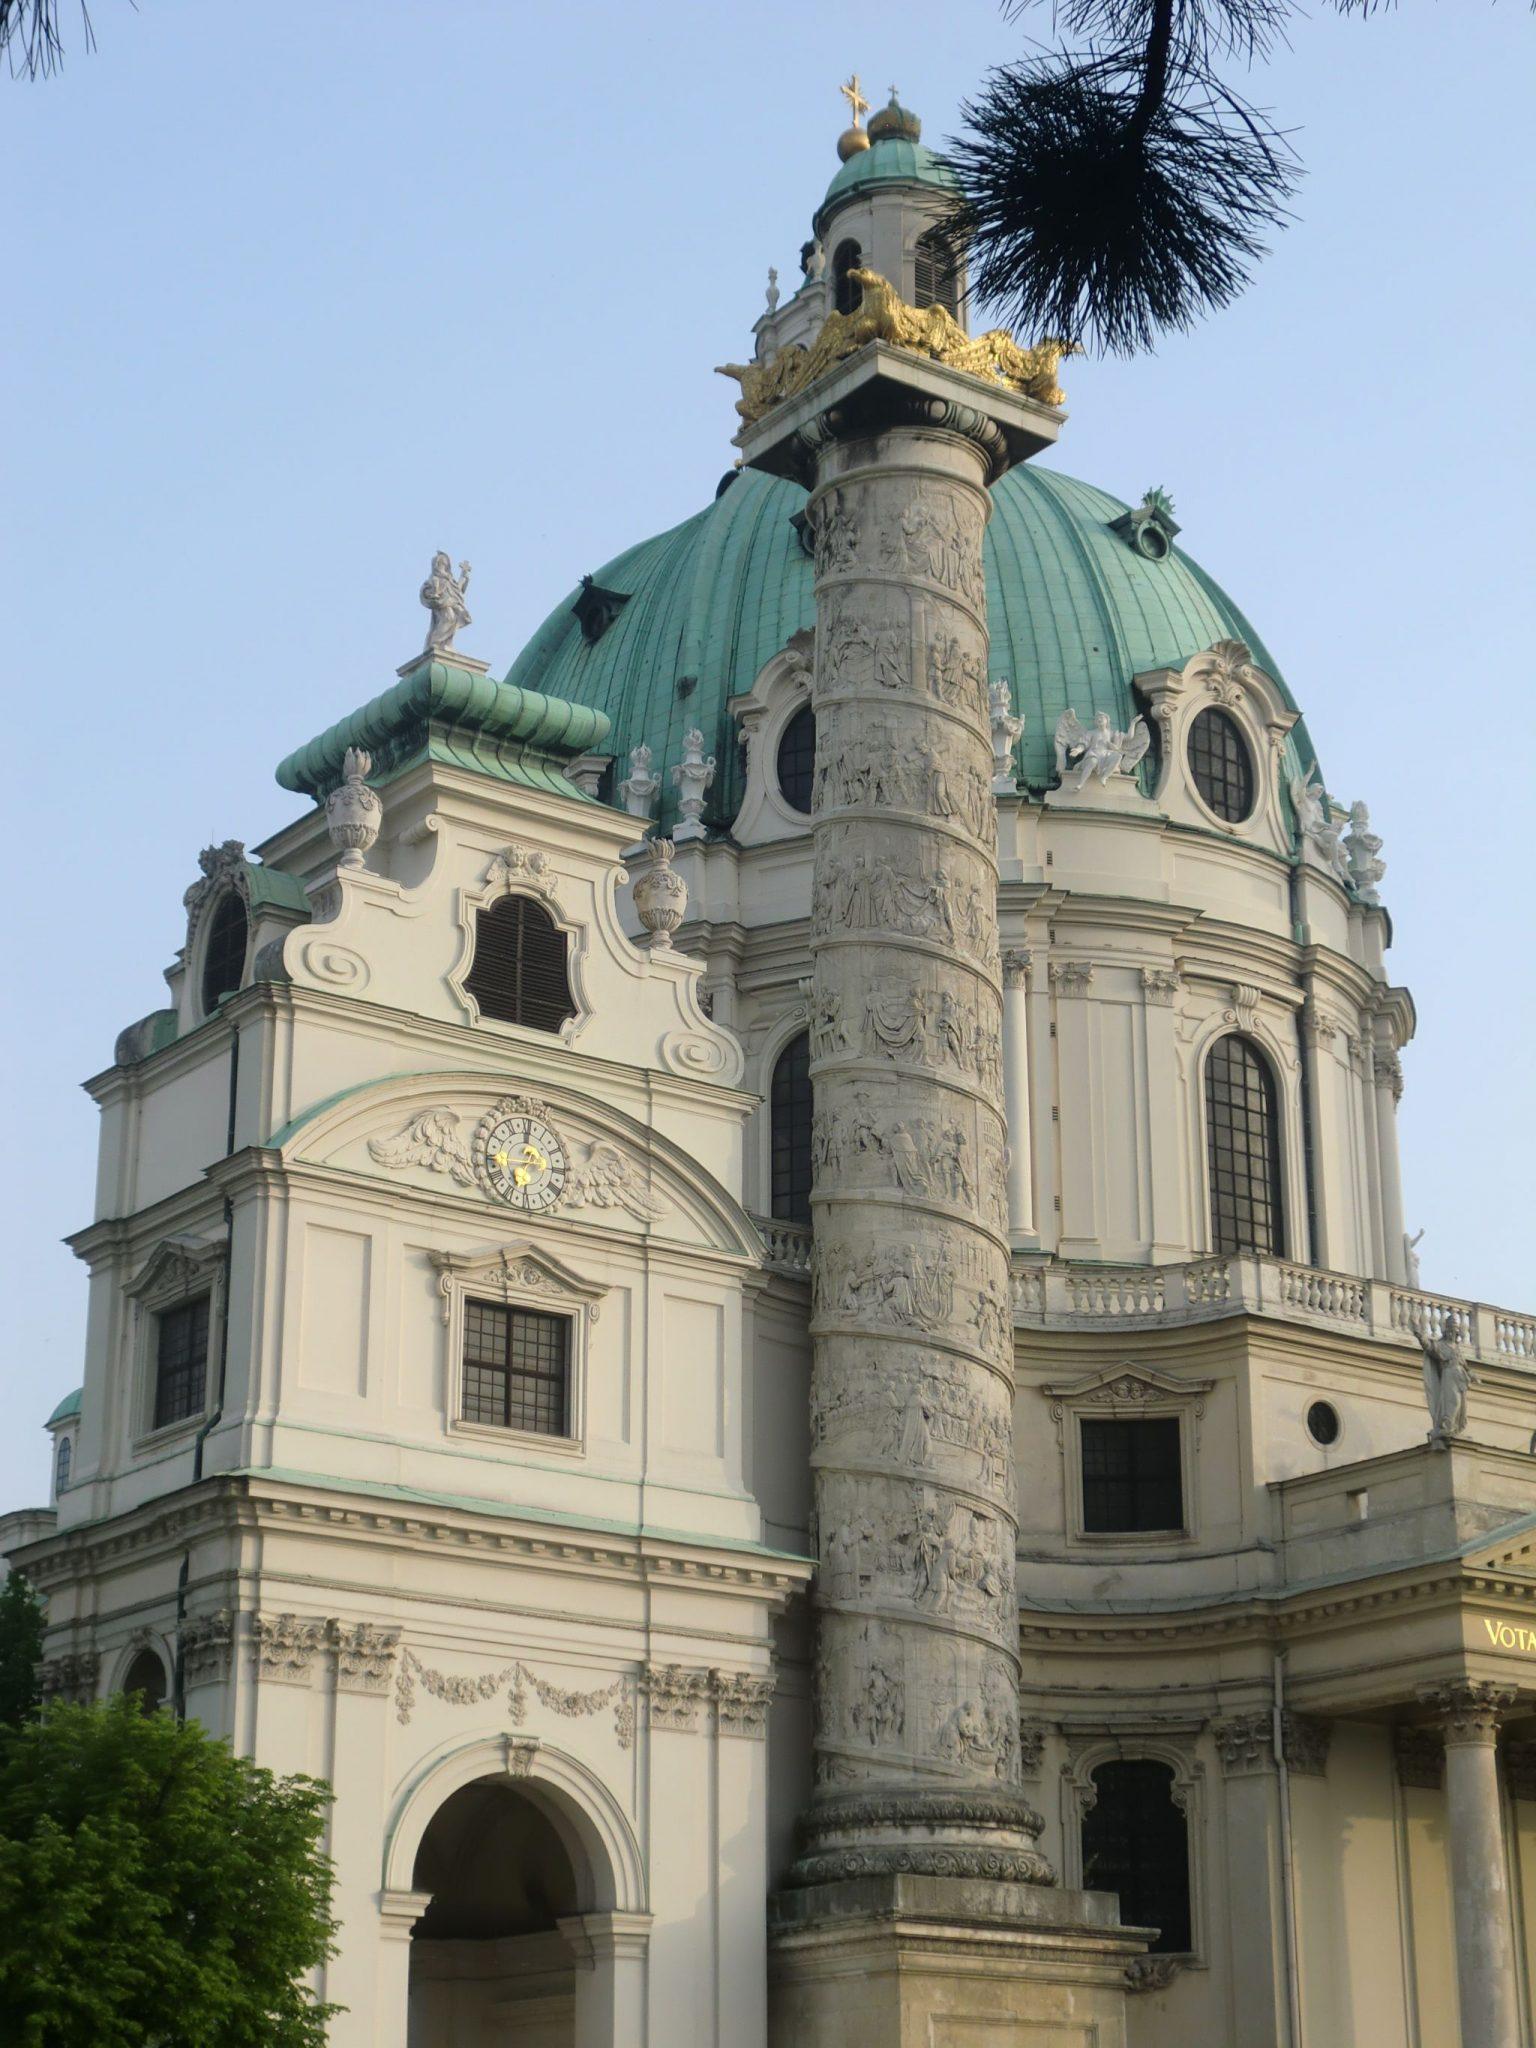 Vienna Opera 16 1440x1920 - Vienna: elegant beauty